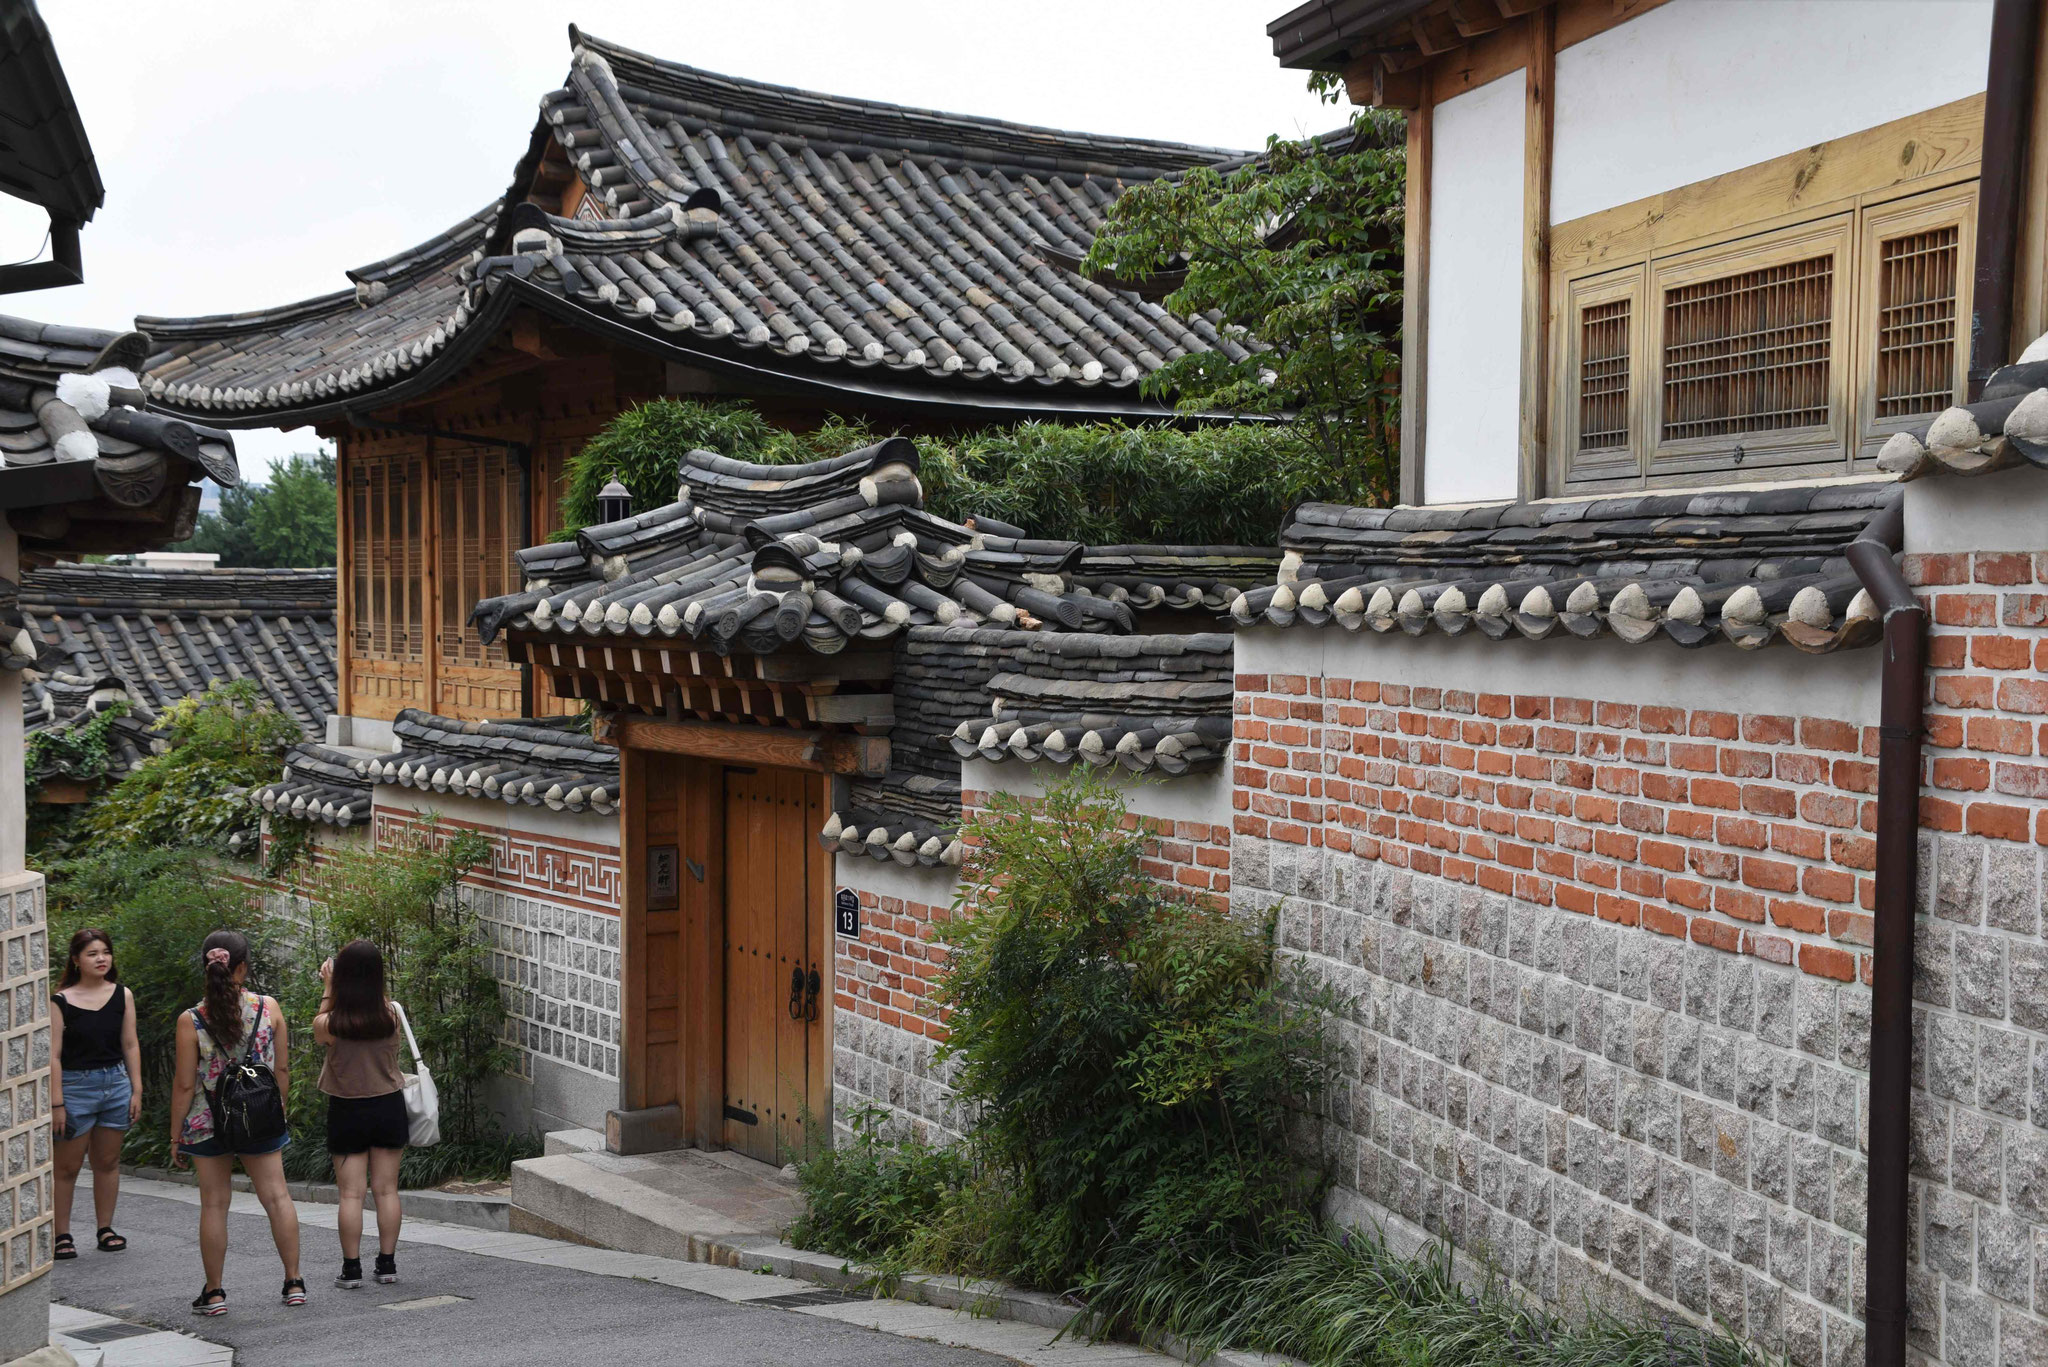 Die Mauern schützen die Anwesen heutzutage vor neugierigen Touristen